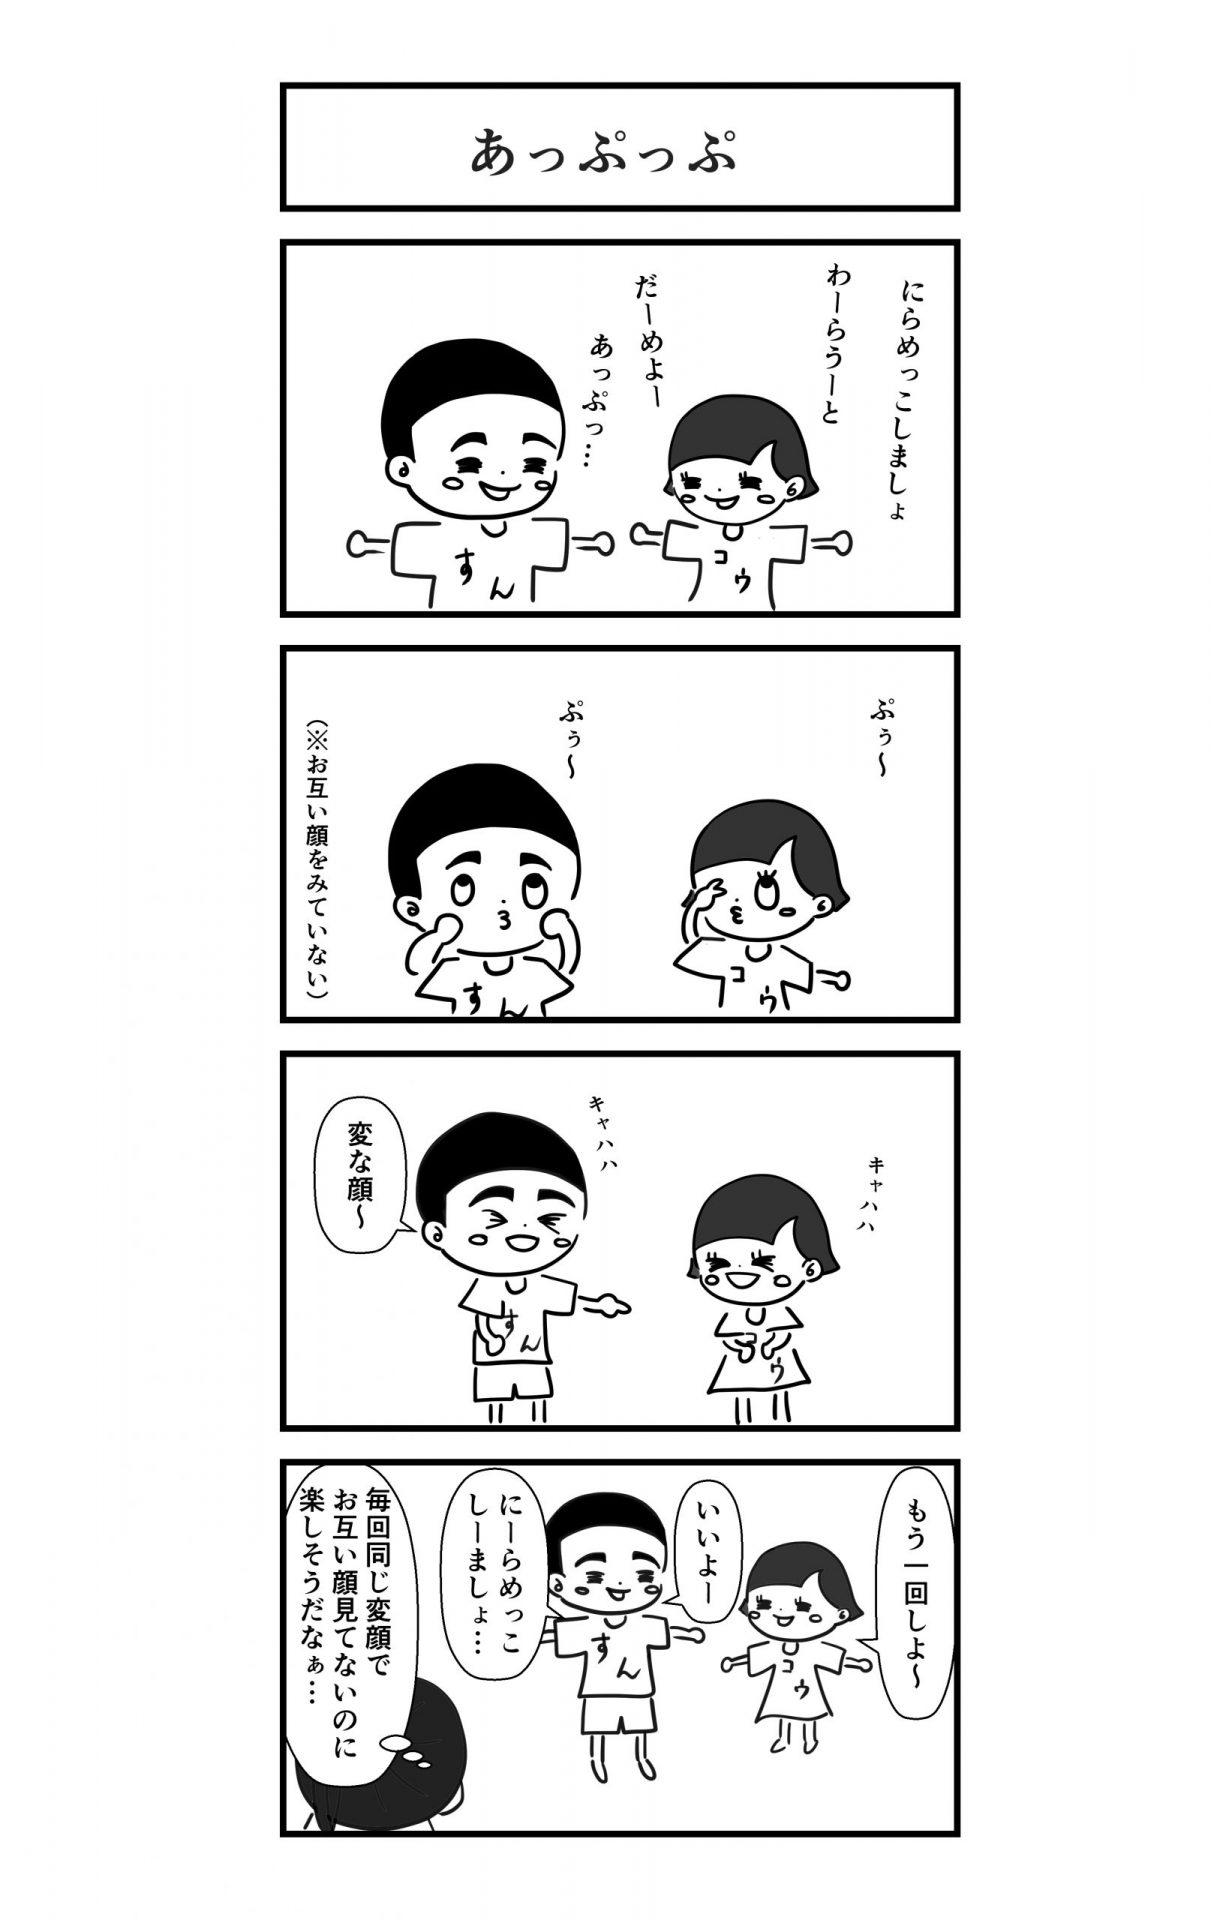 お風呂上がりによくやる遊び【あっぷっぷ編】